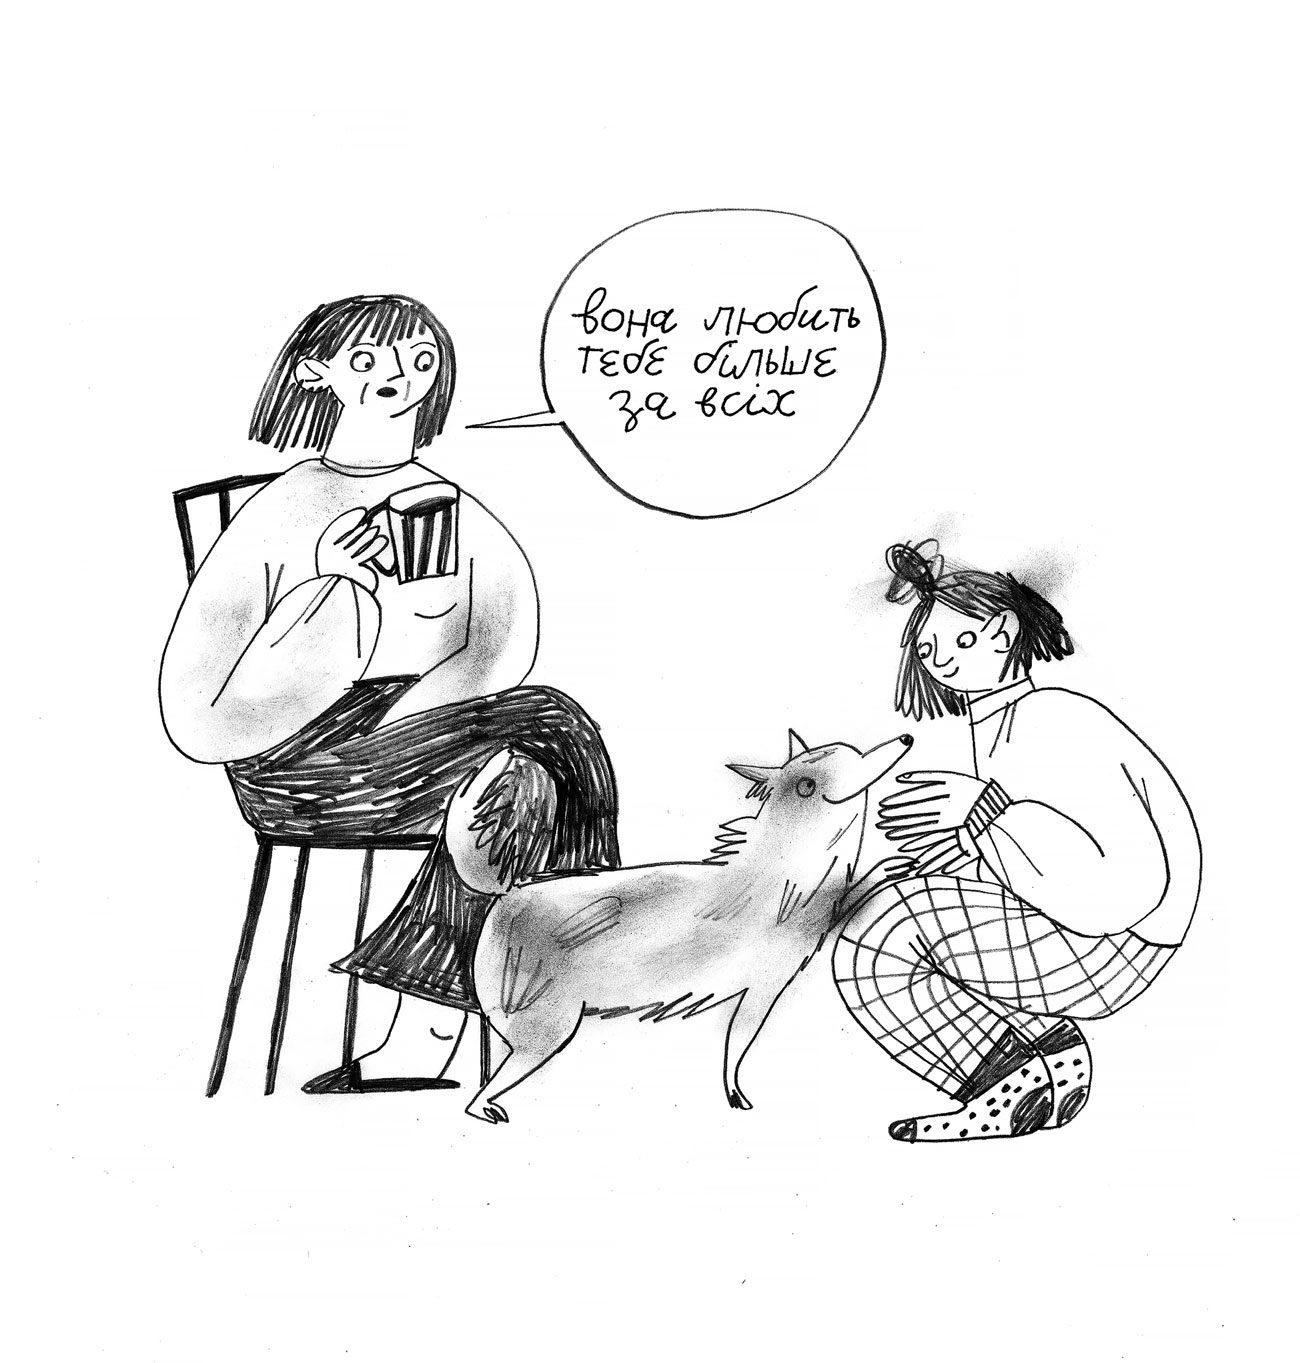 comics oliynik 25 - <b>Вам дісталася сумна дитина.</b> Комікс Жені Олійник про те, як депресія впливає на стосунки - Заборона